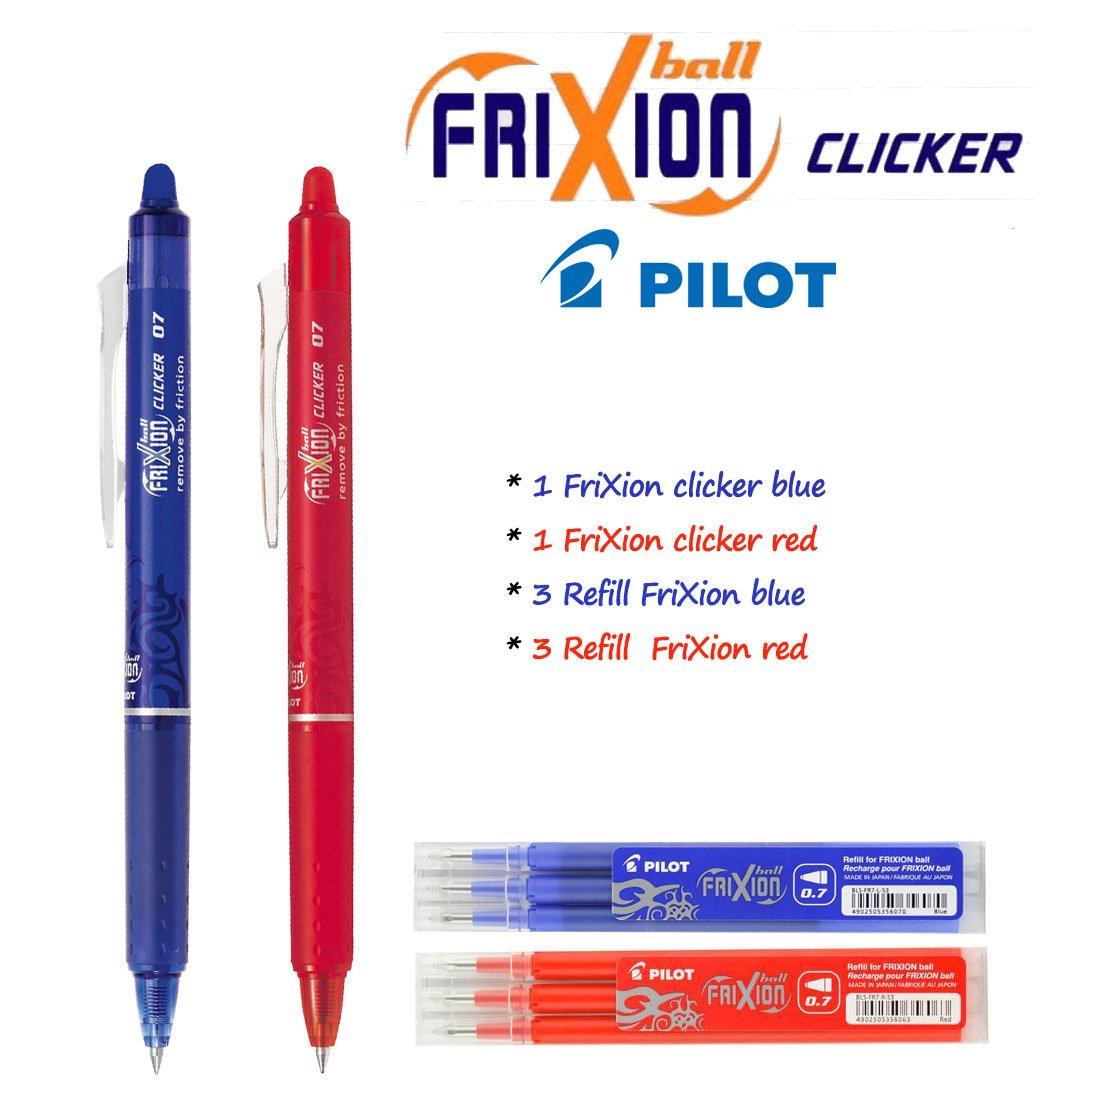 Pilot FriXion Ball Clicker Set con penna blu, penna rossa, 3 refill blu, 3 refill rosso Penna roller a scatto con inchiostro gel cancellabile,